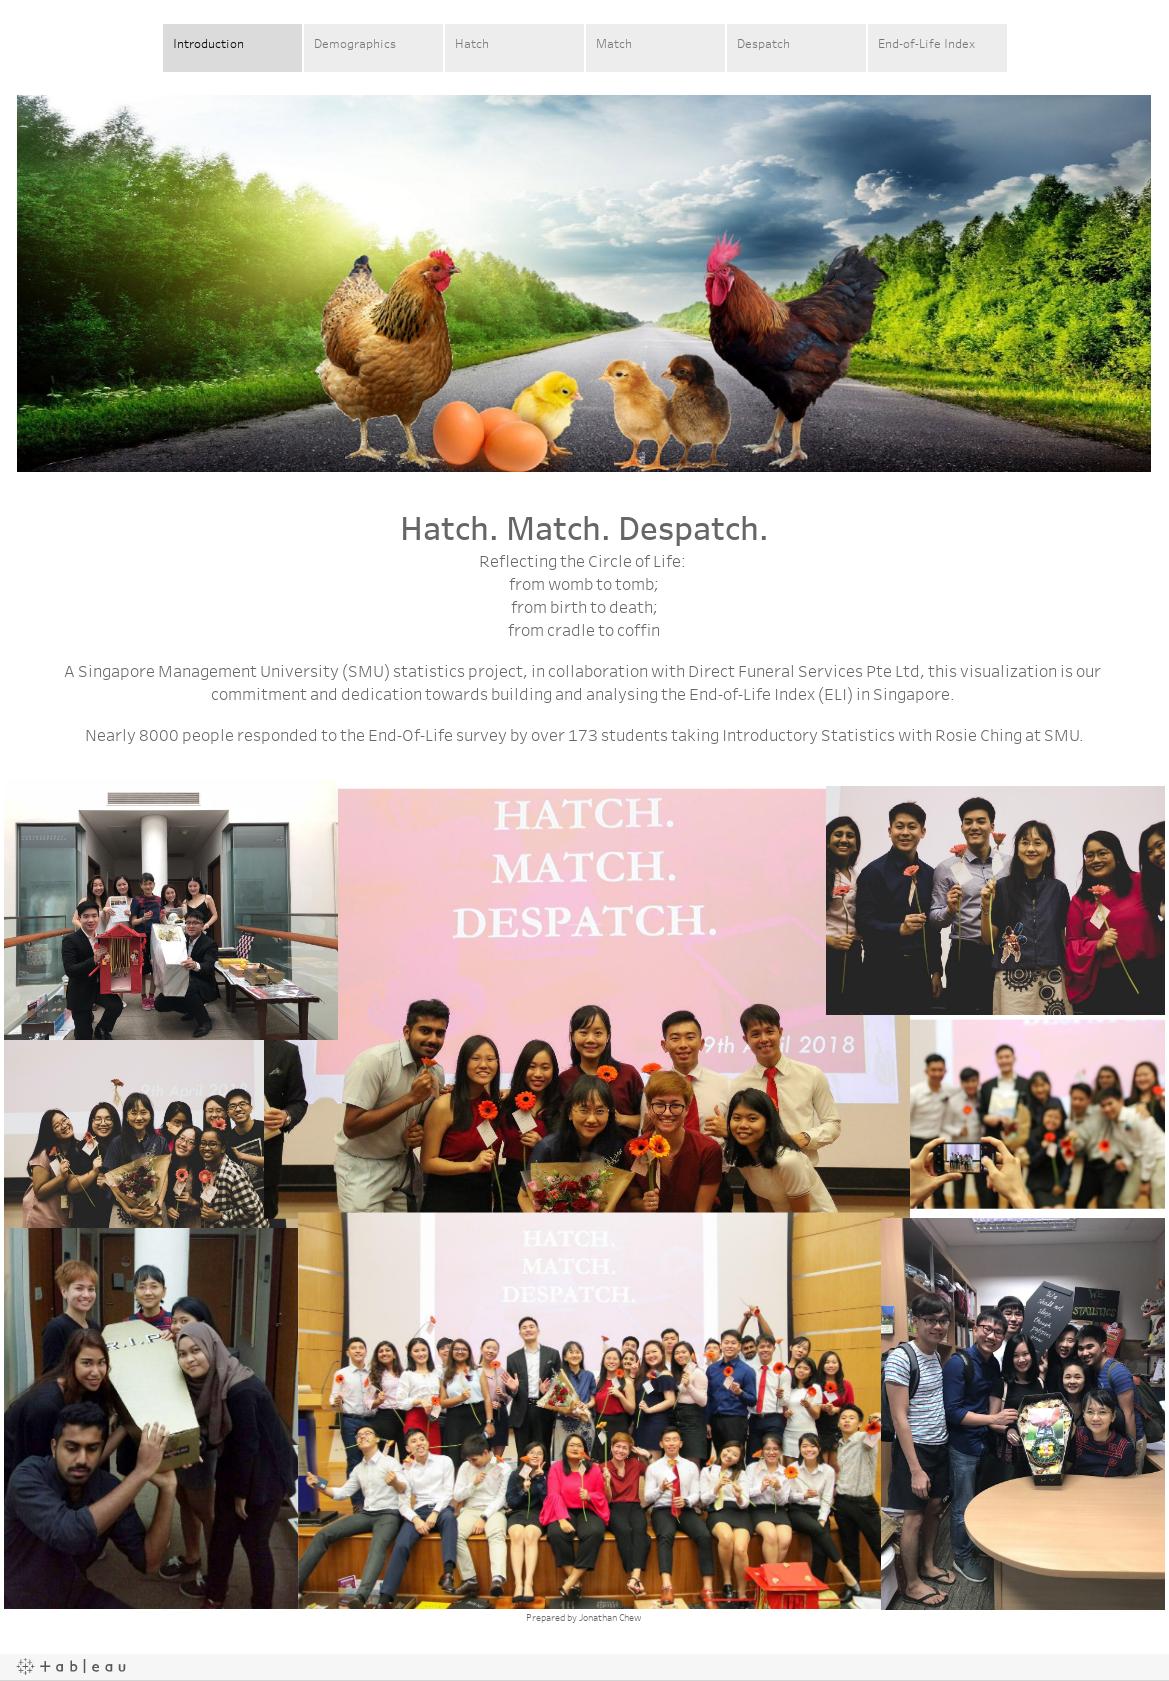 Hatch Match Despatch Storyboard